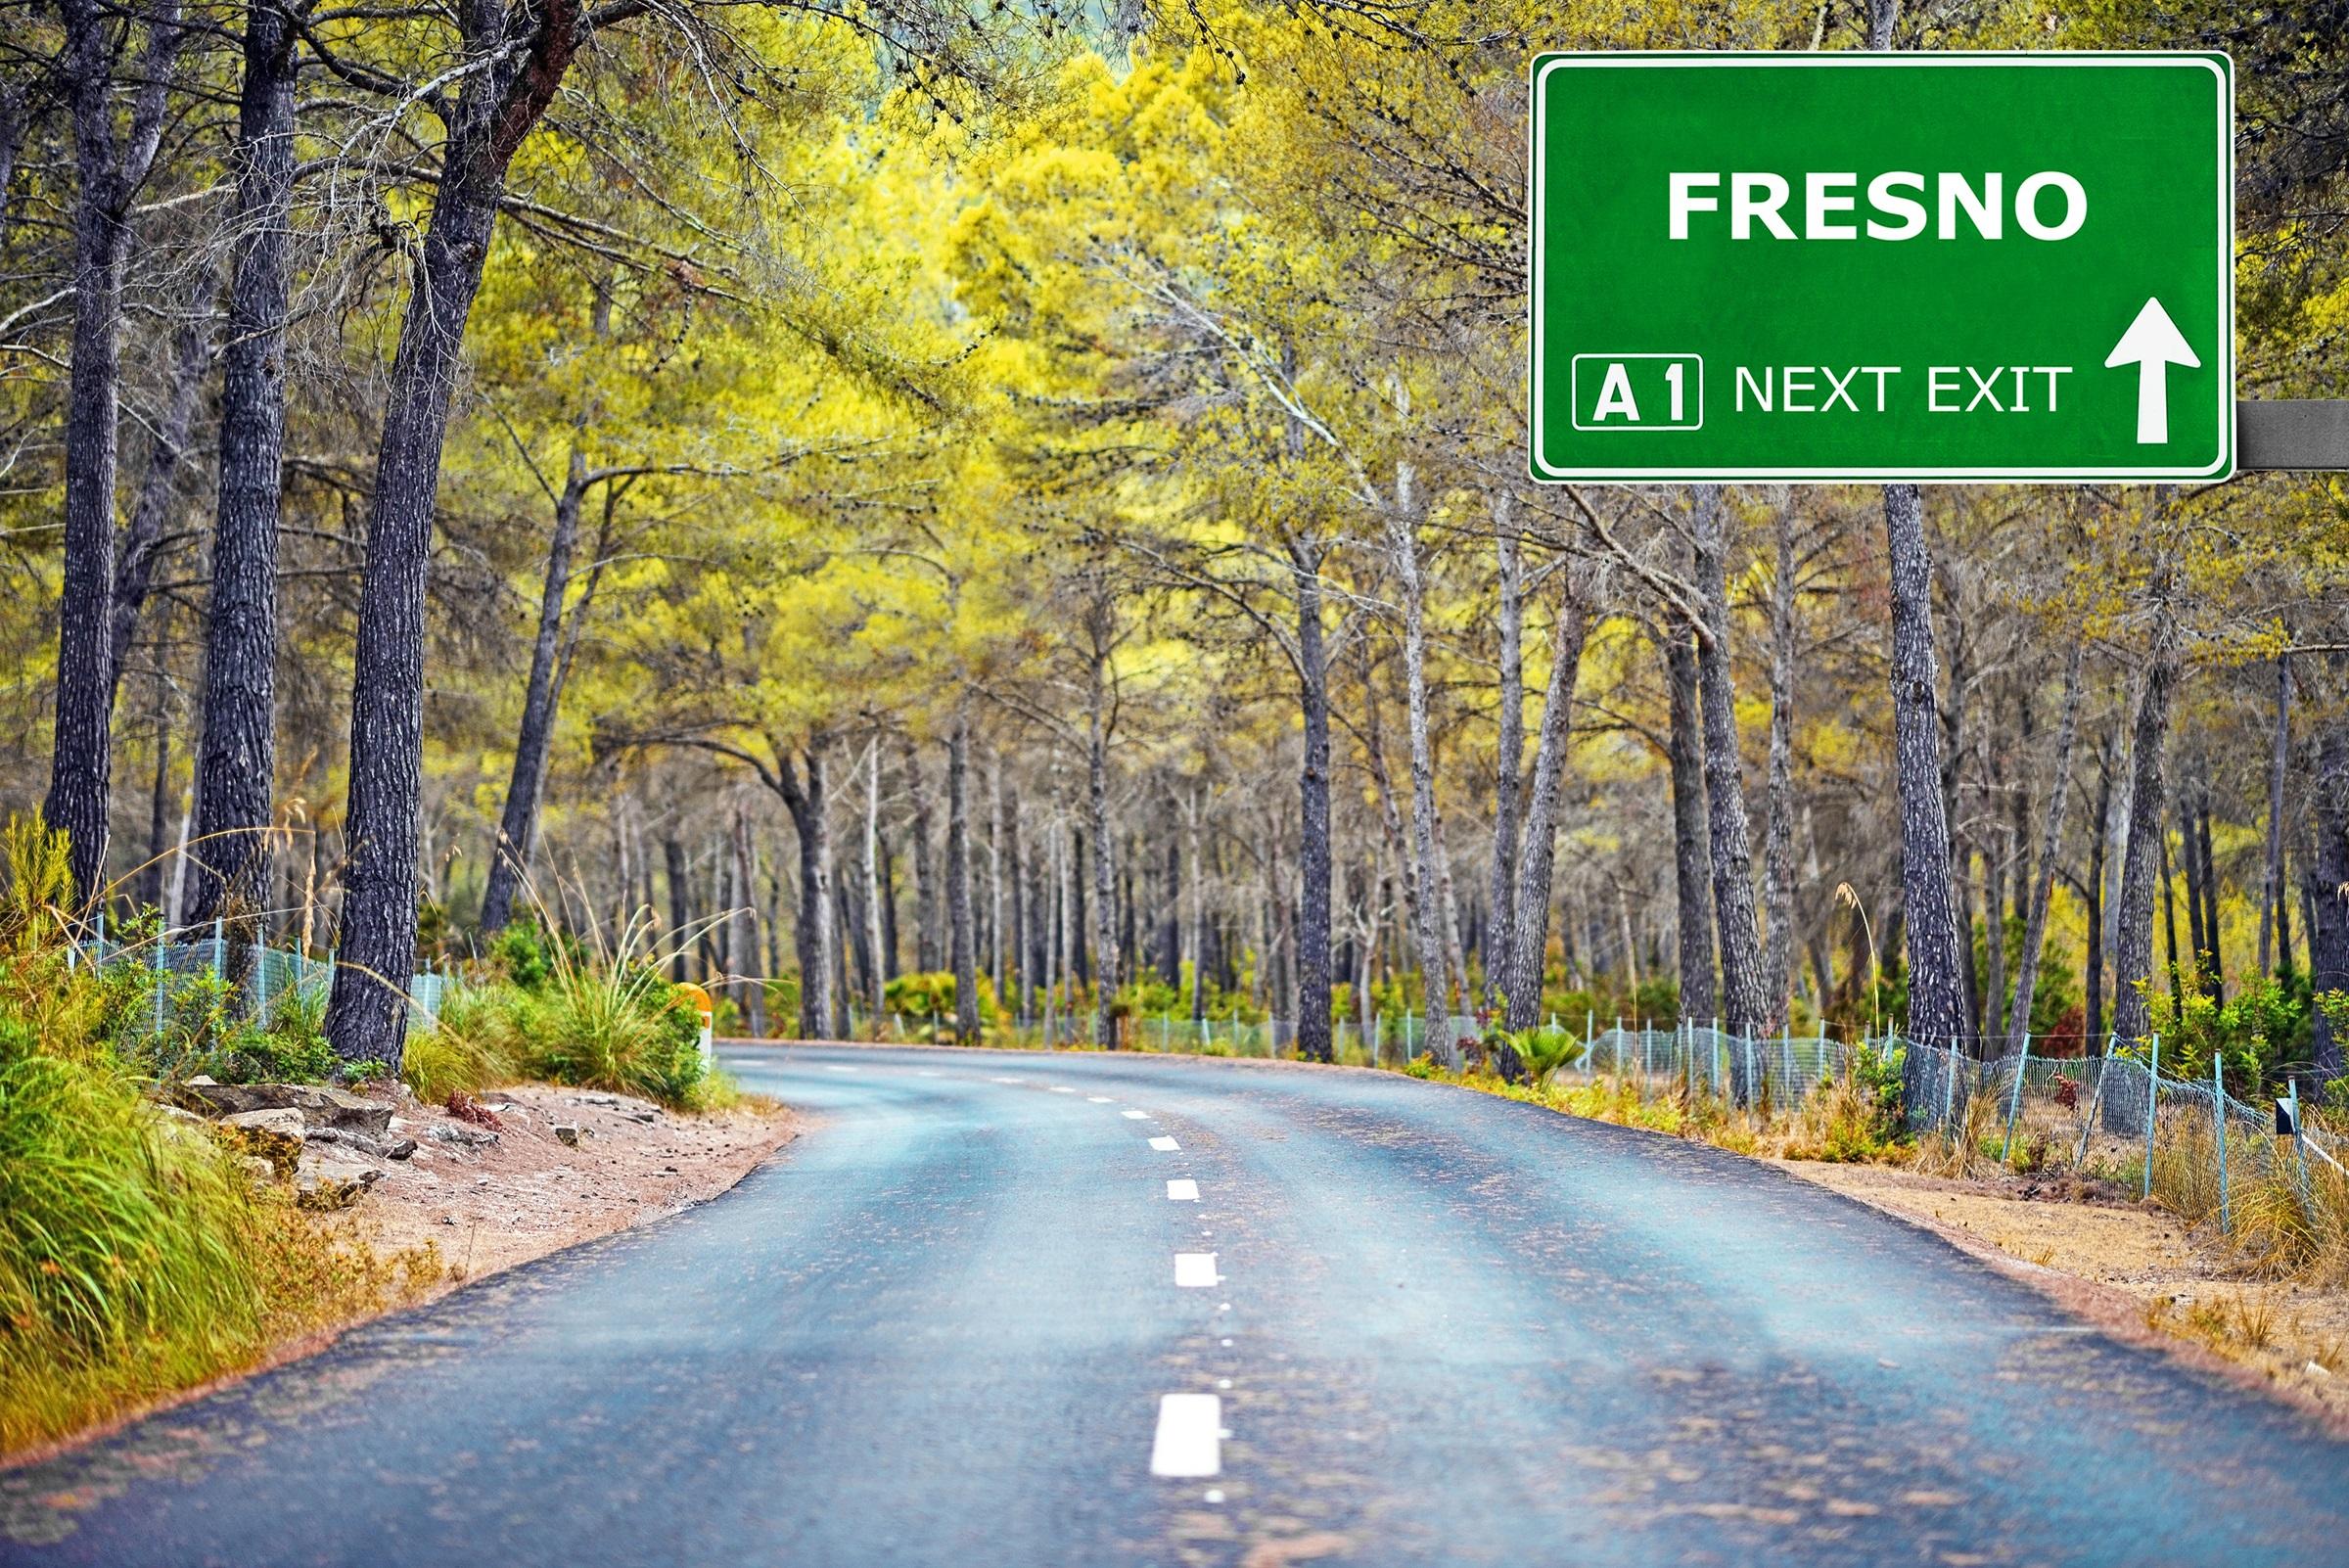 Road sign Fresno CA